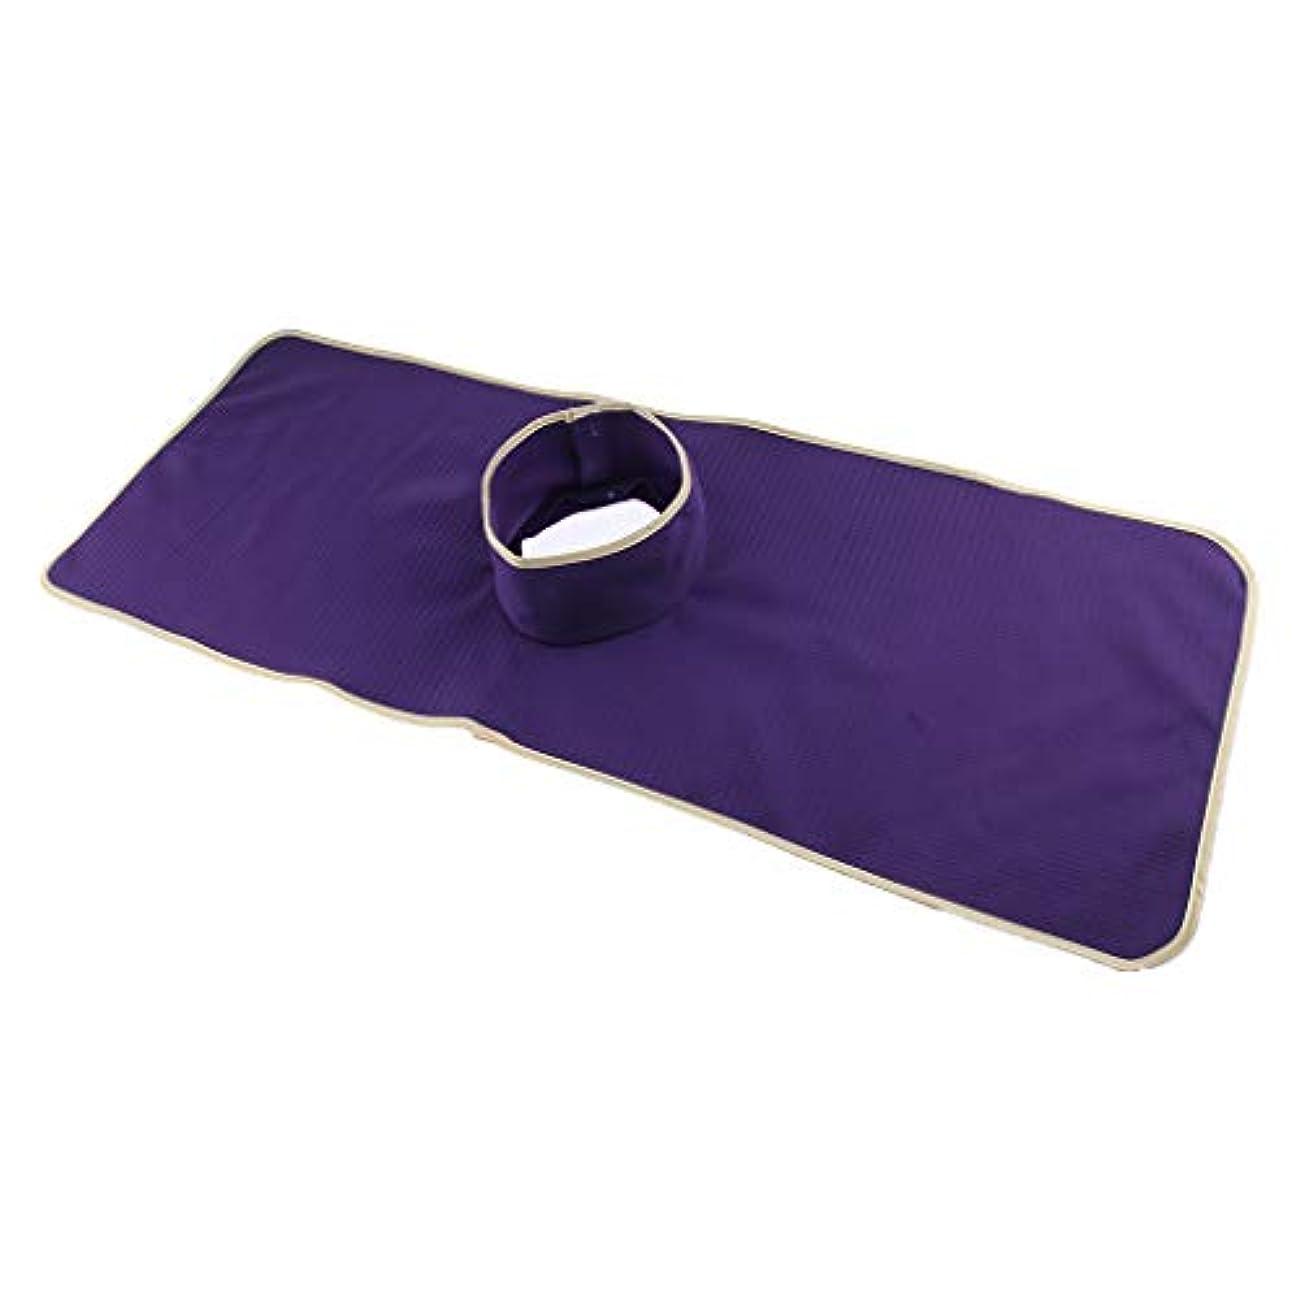 ハンディ消毒する荒野洗える指圧マッサージベッドタトゥーテーブルシートパッドマットフェイスホールカバー - 紫